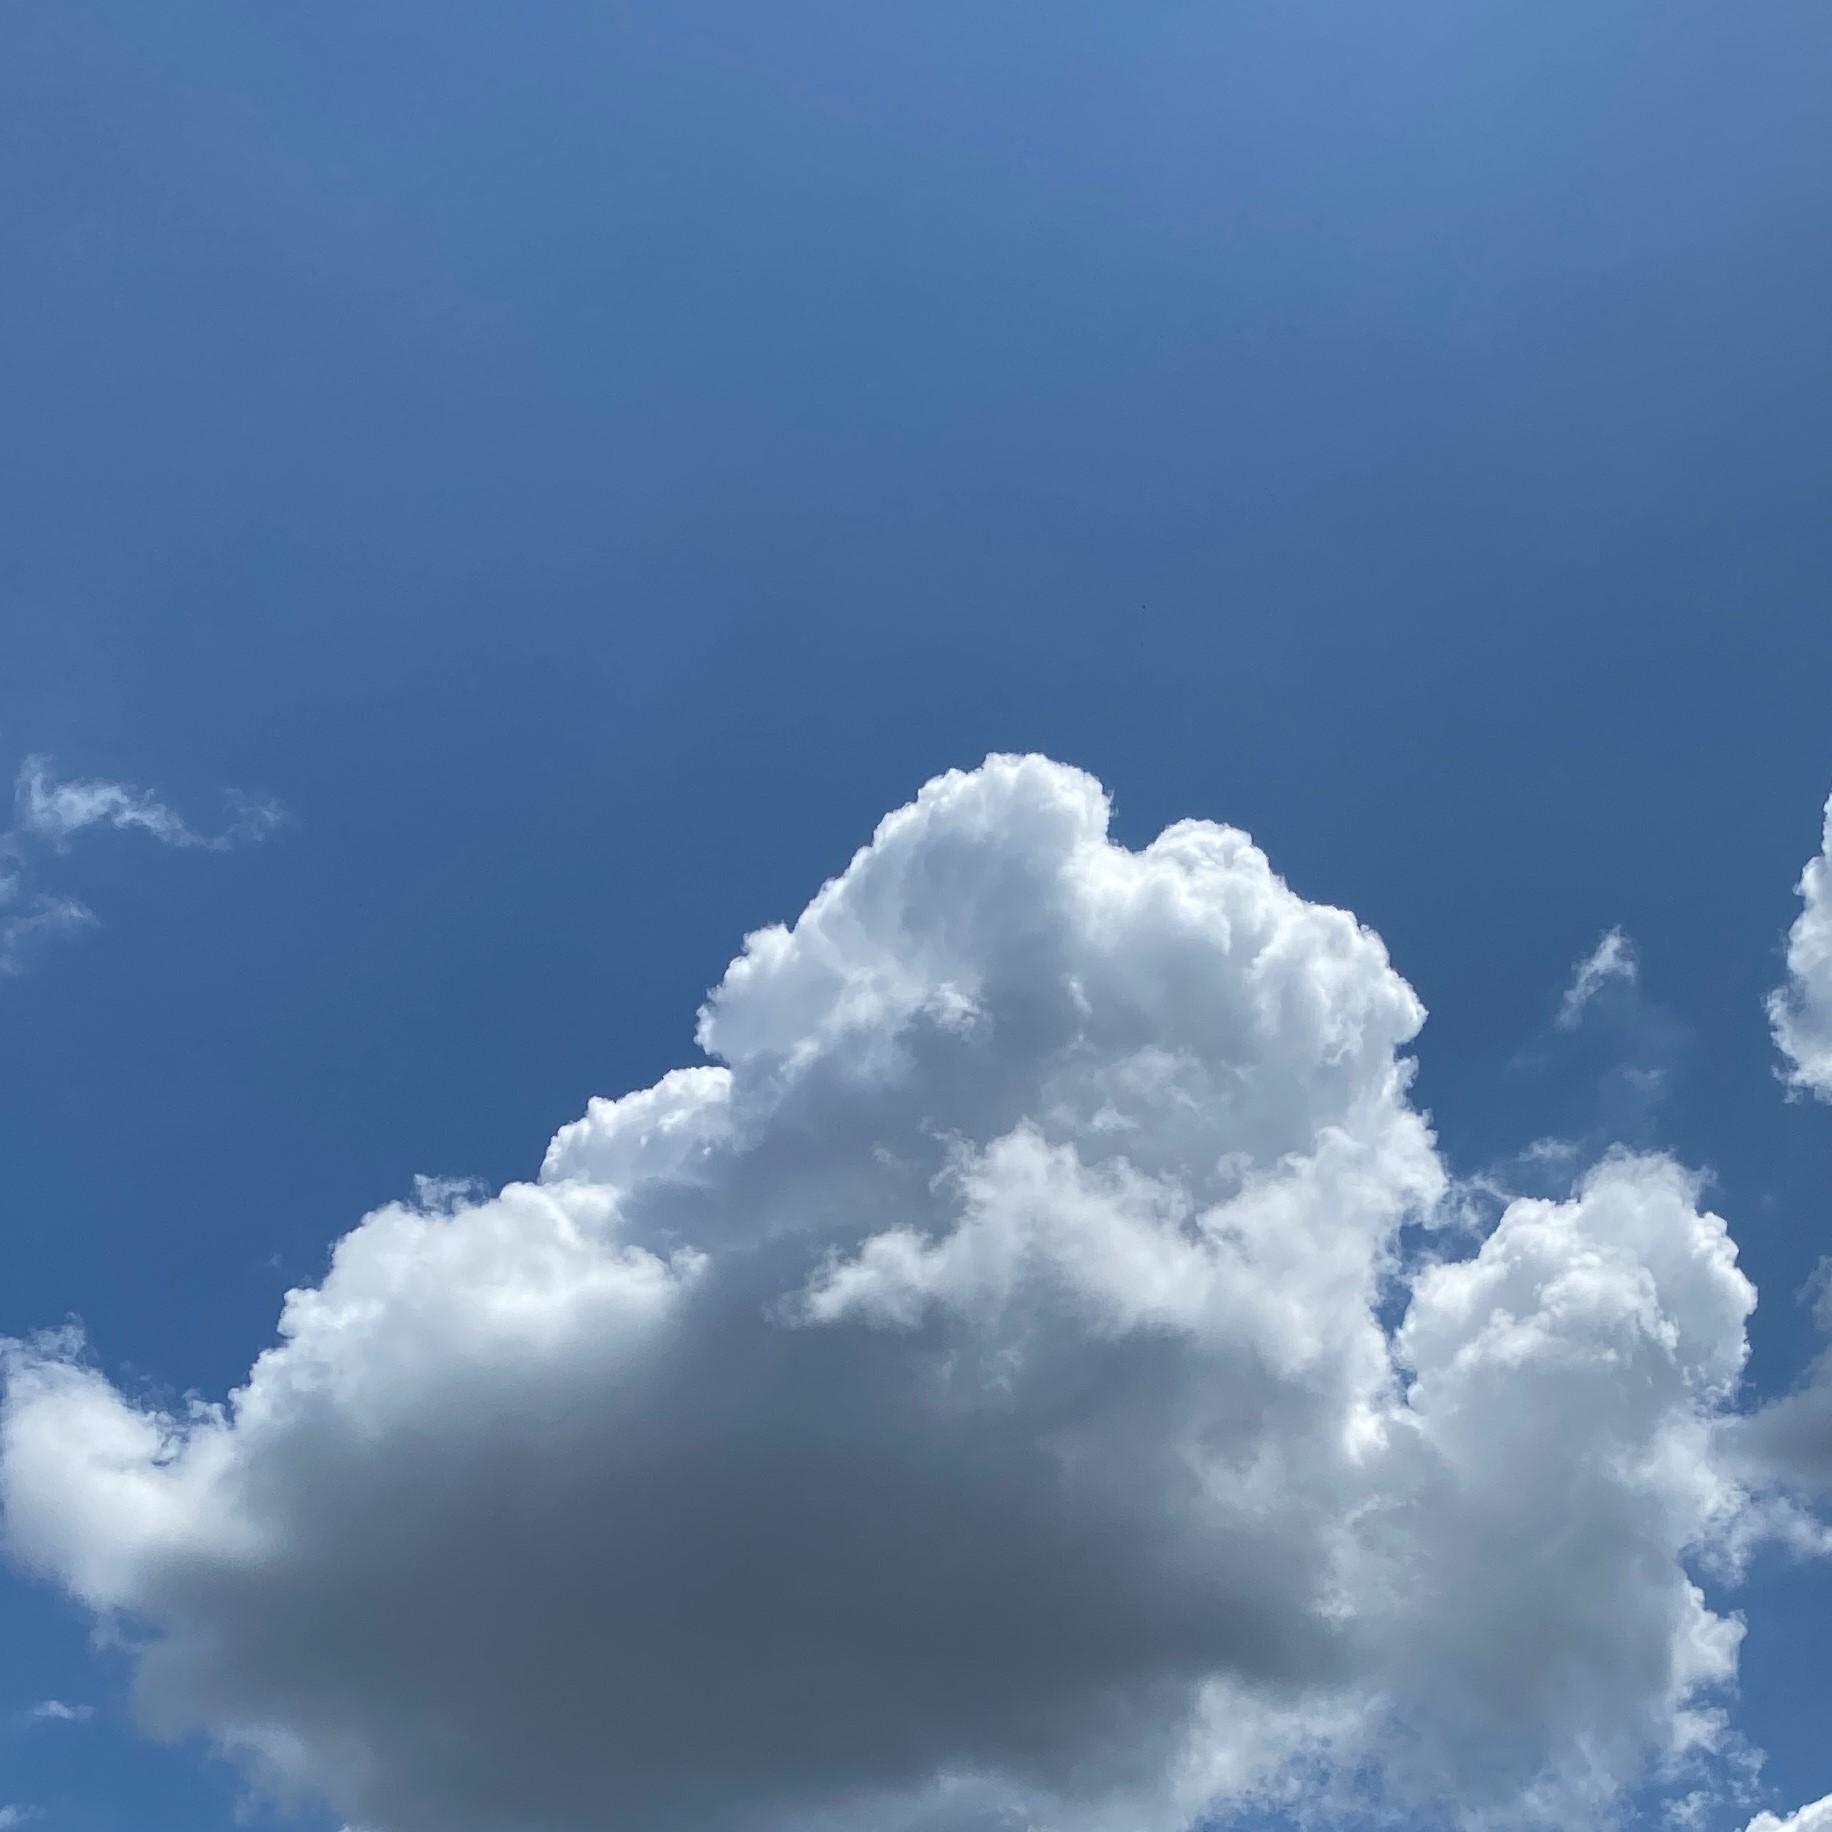 おいしい酒倶楽部:8月1日(土)梅雨明け宣言の雲